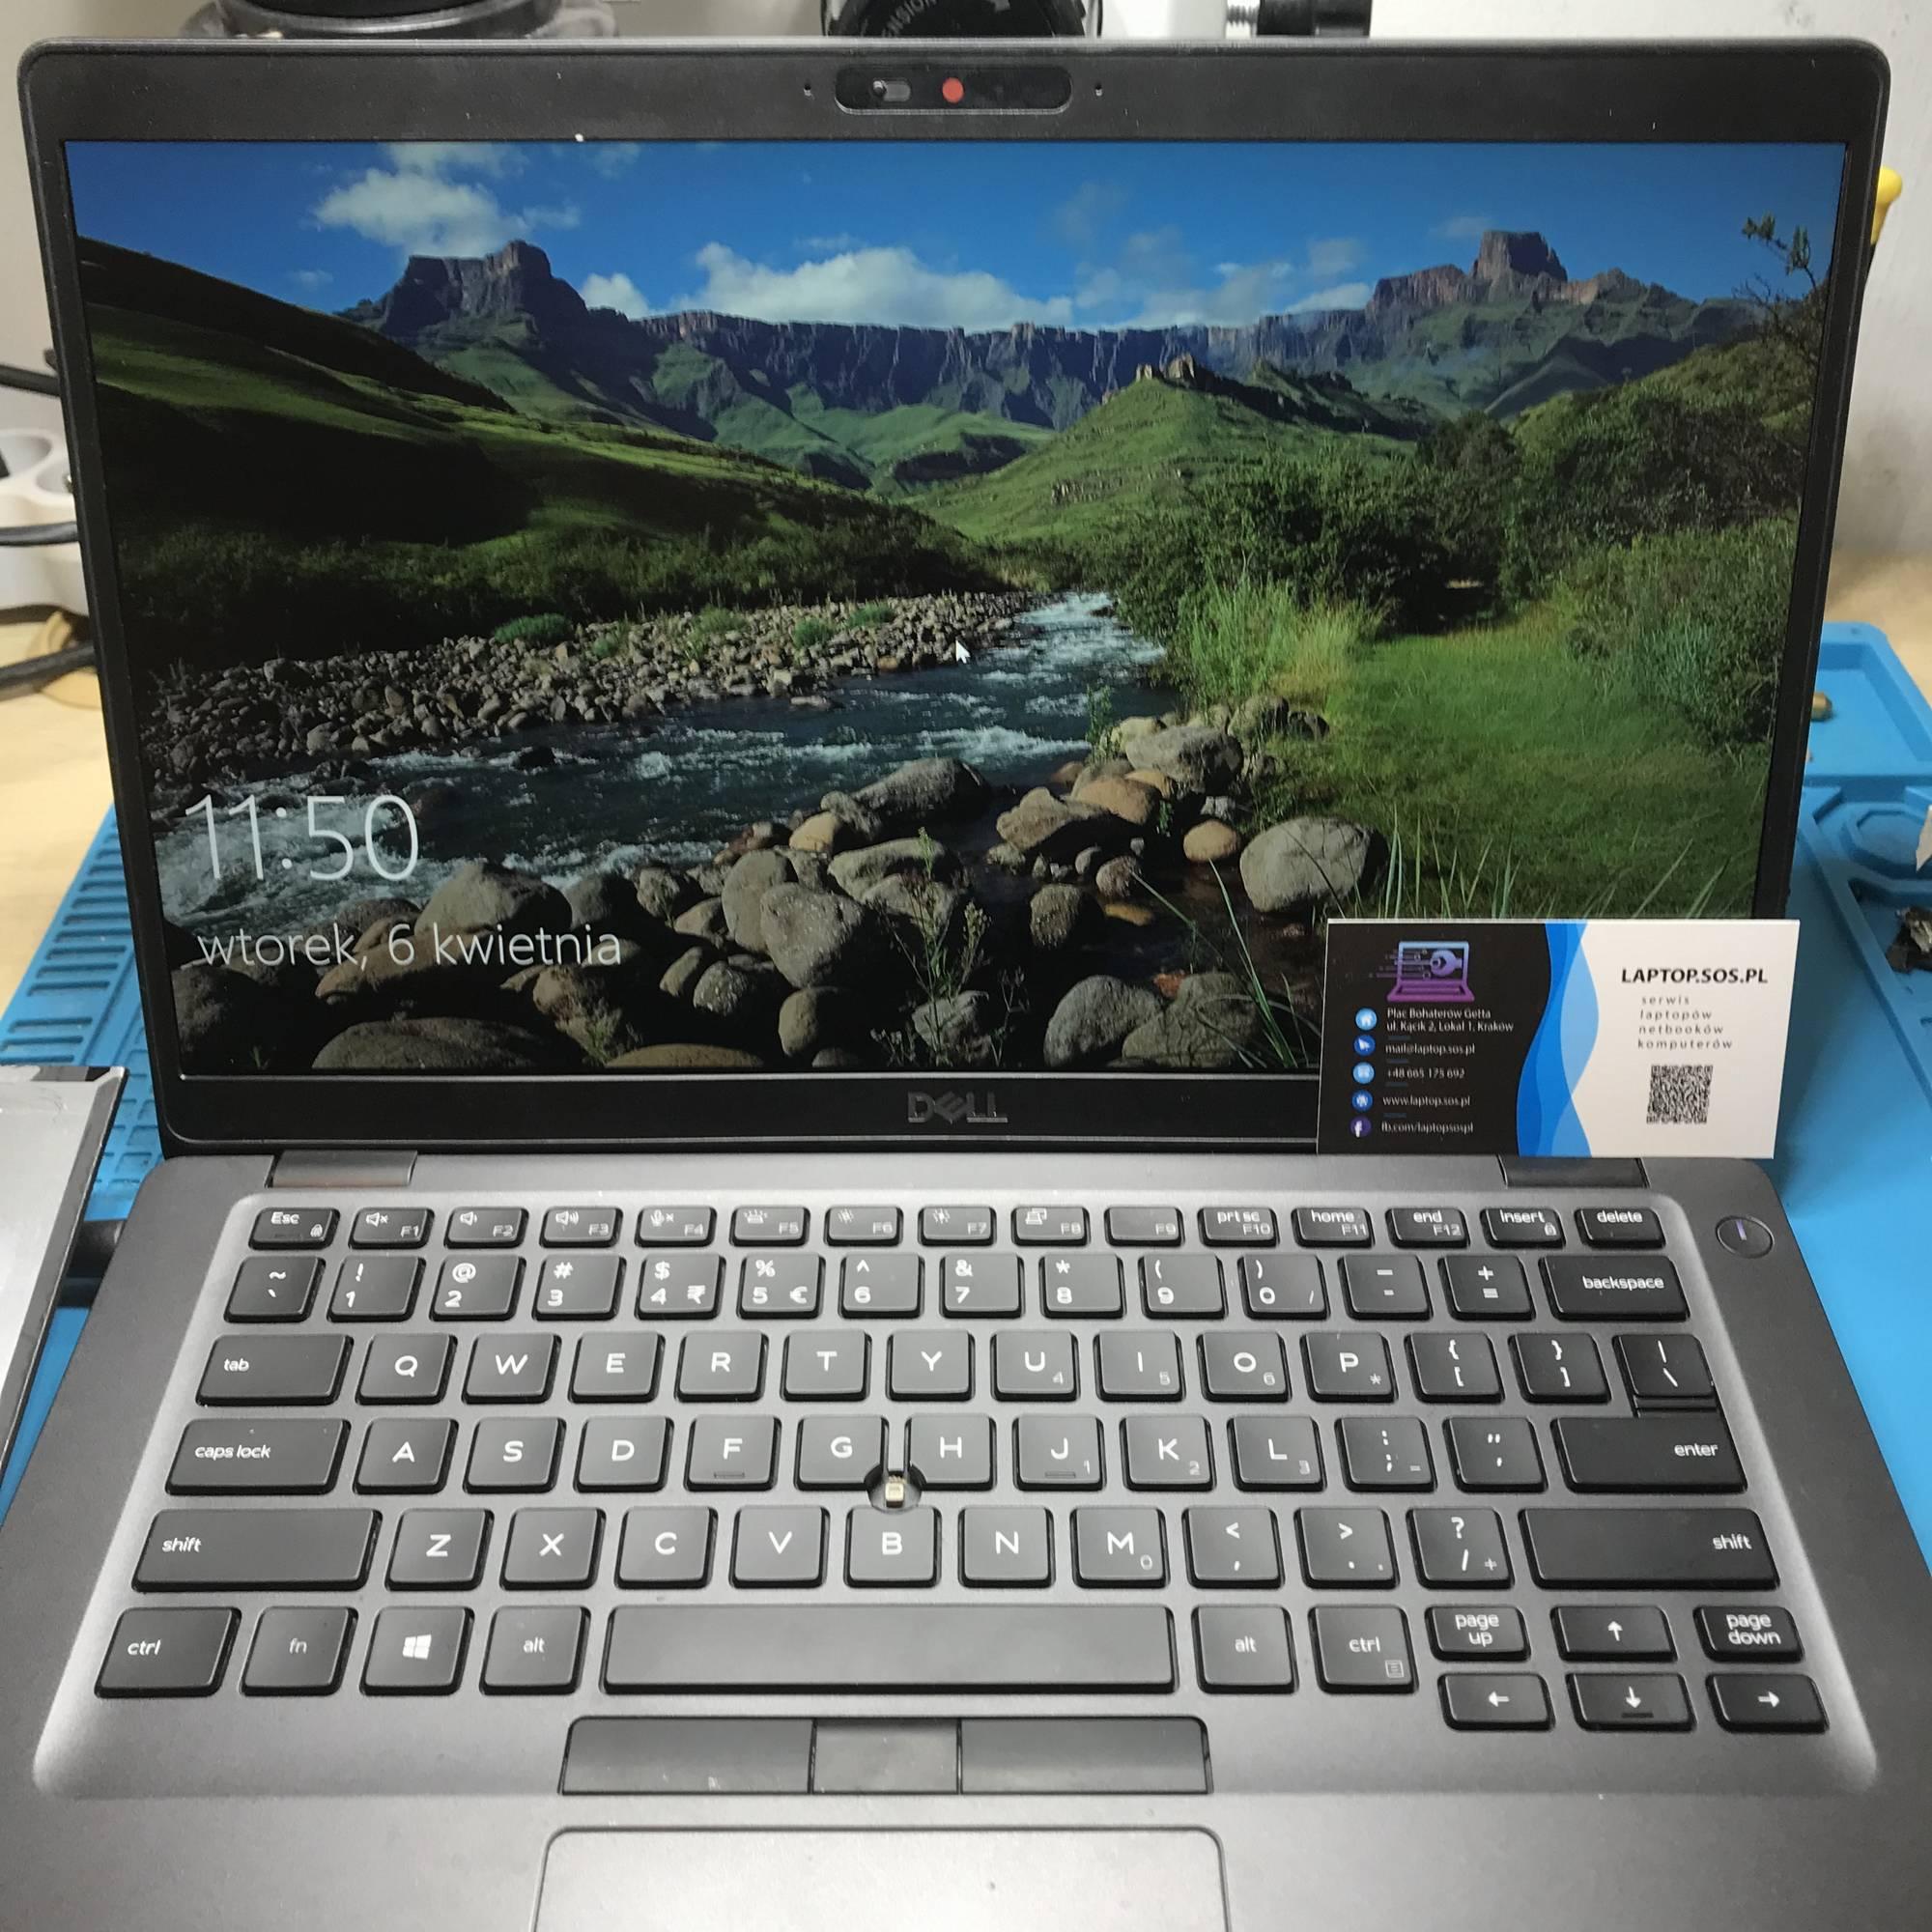 wymiana ekranu matrycy w laptopie dell